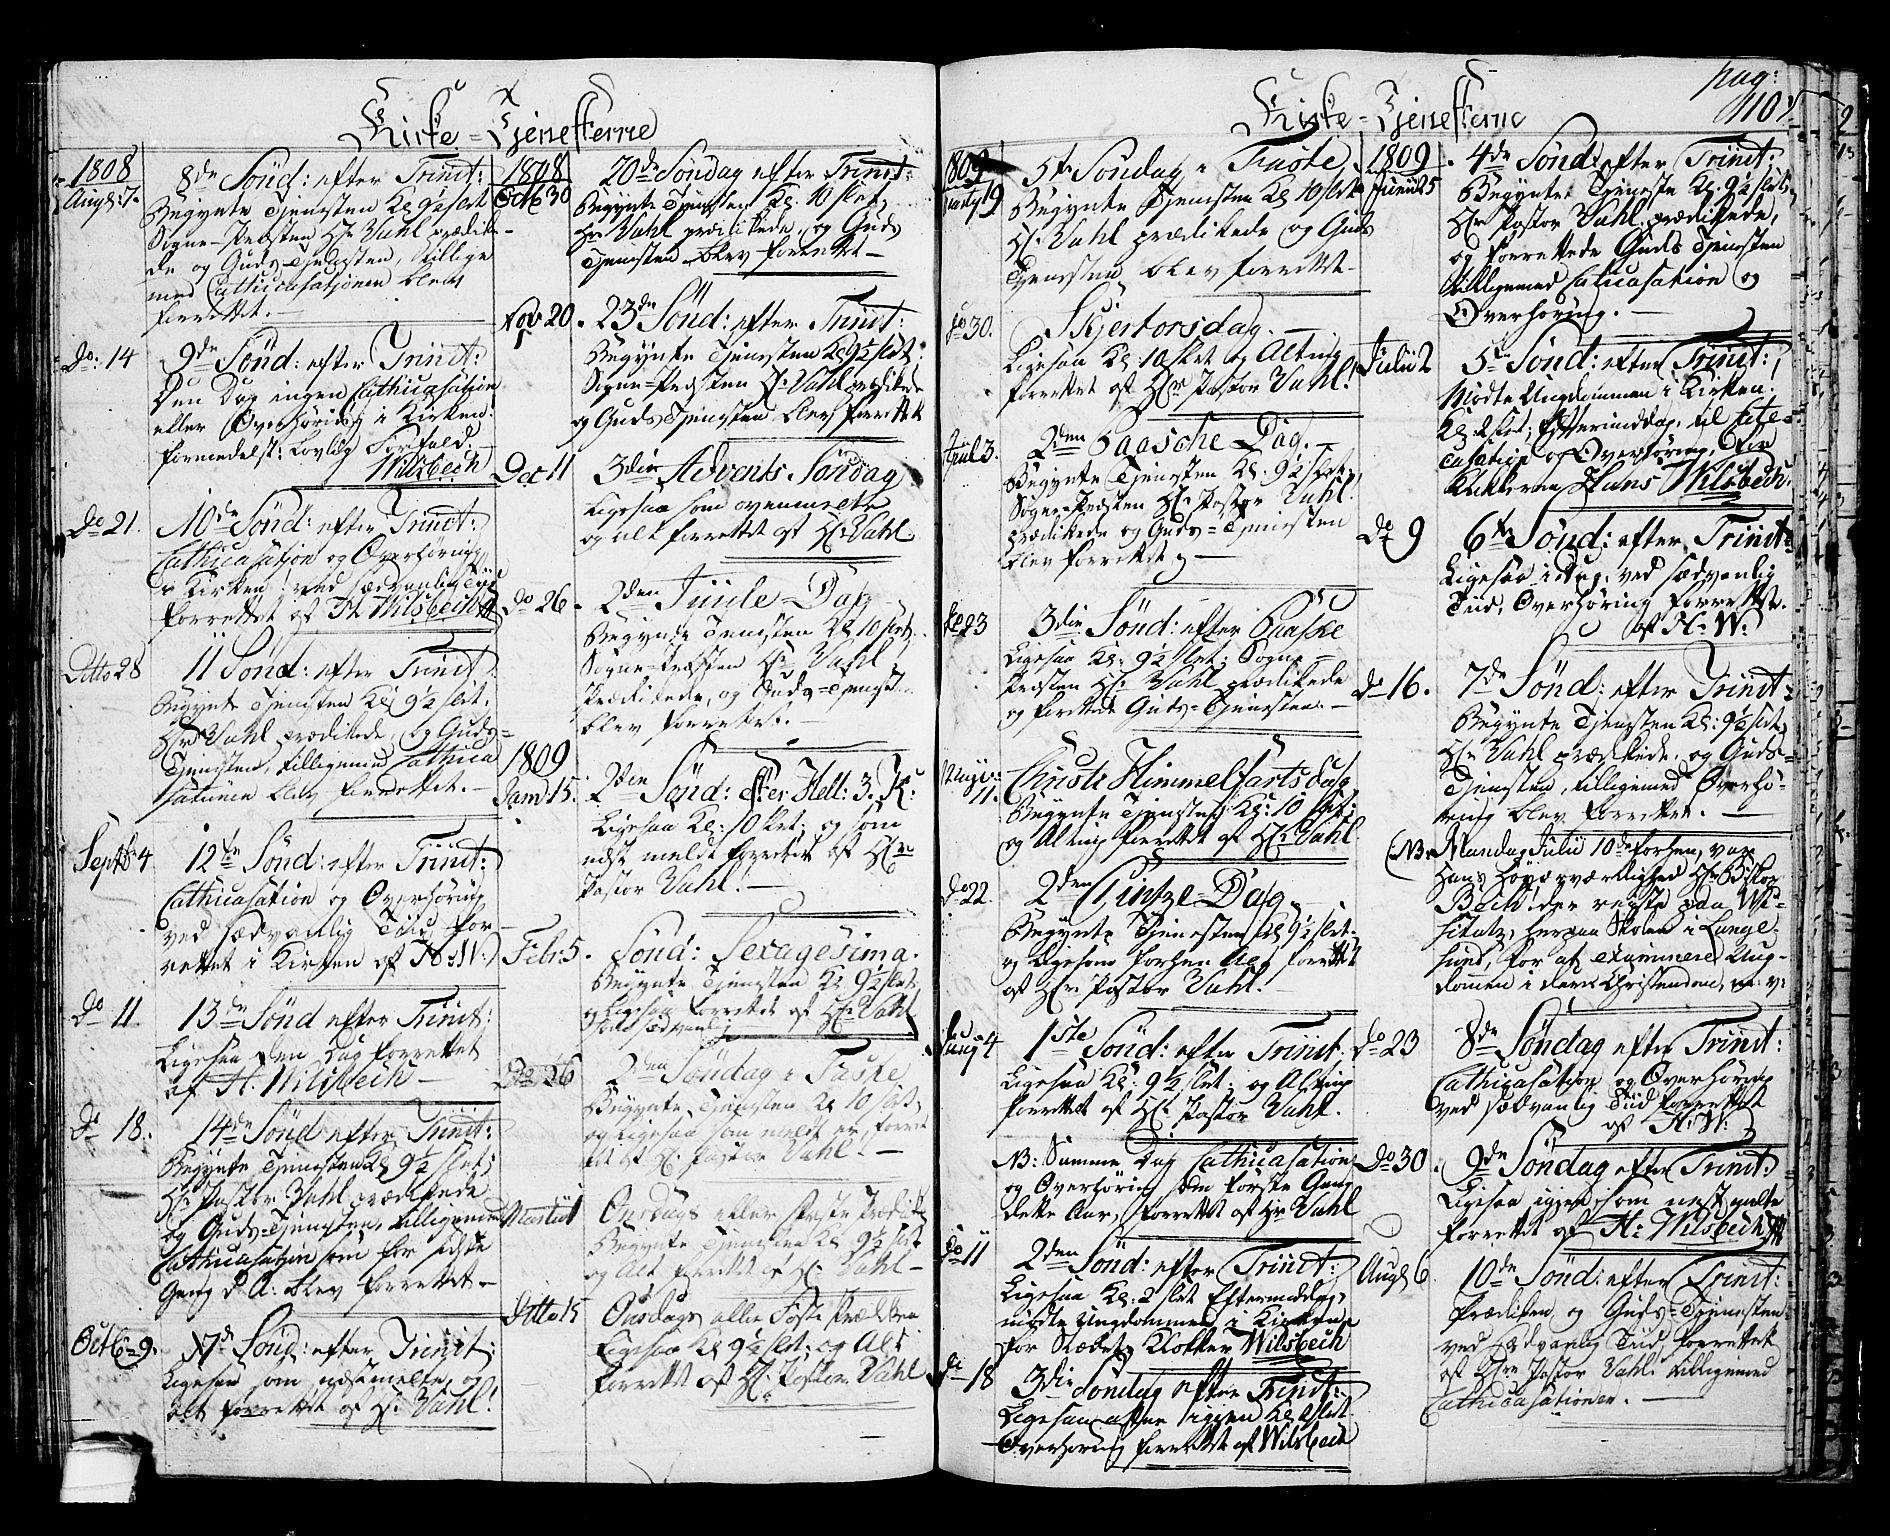 SAKO, Langesund kirkebøker, G/Ga/L0002: Klokkerbok nr. 2, 1801-1815, s. 110